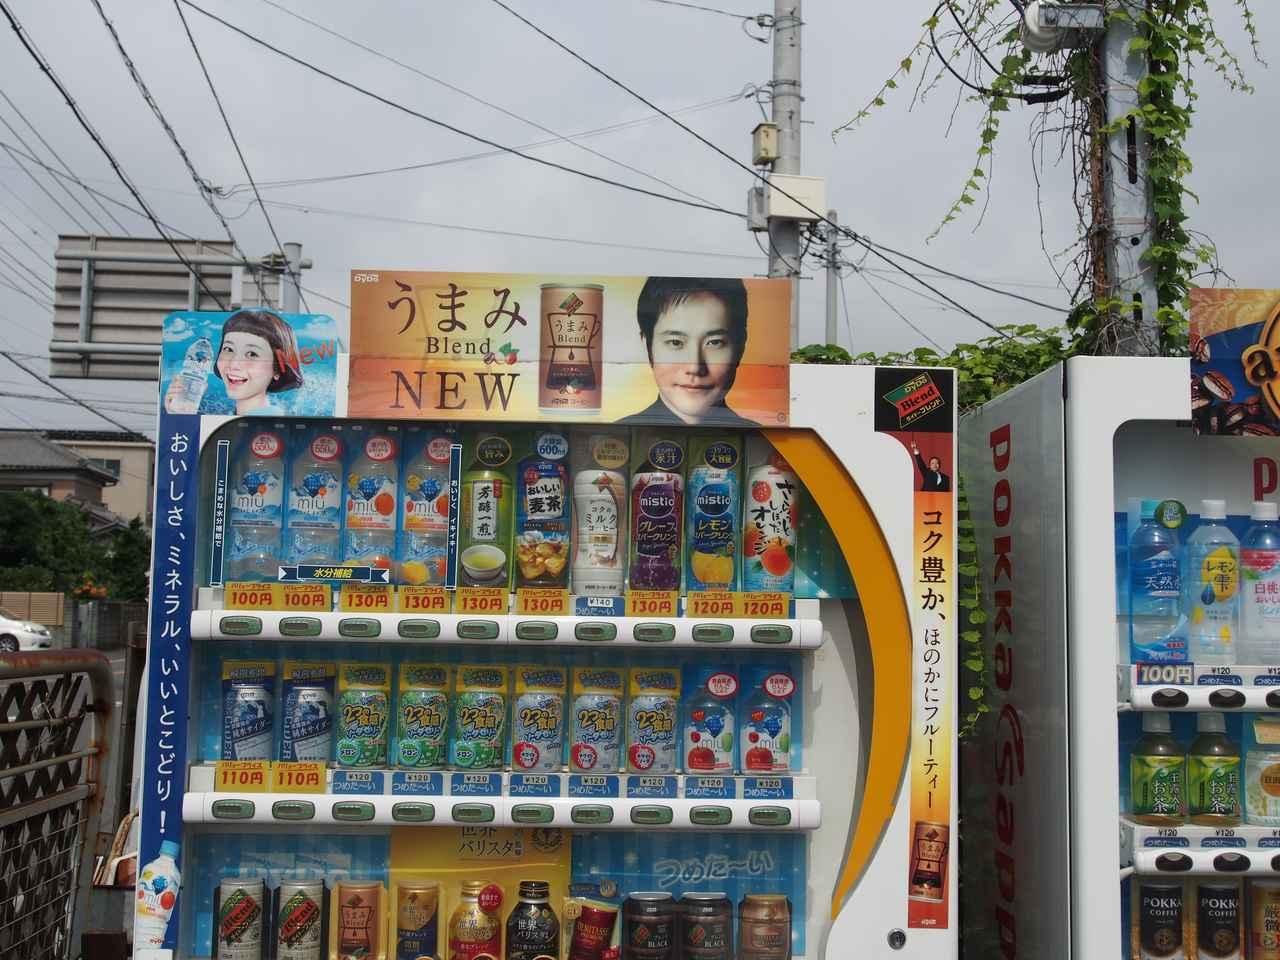 画像: 自販機上のポップ。平清盛も前髪切りすぎムスメともになんなくキャプチャー。いわゆる「写真ベース」ならほぼ認識するようだ。